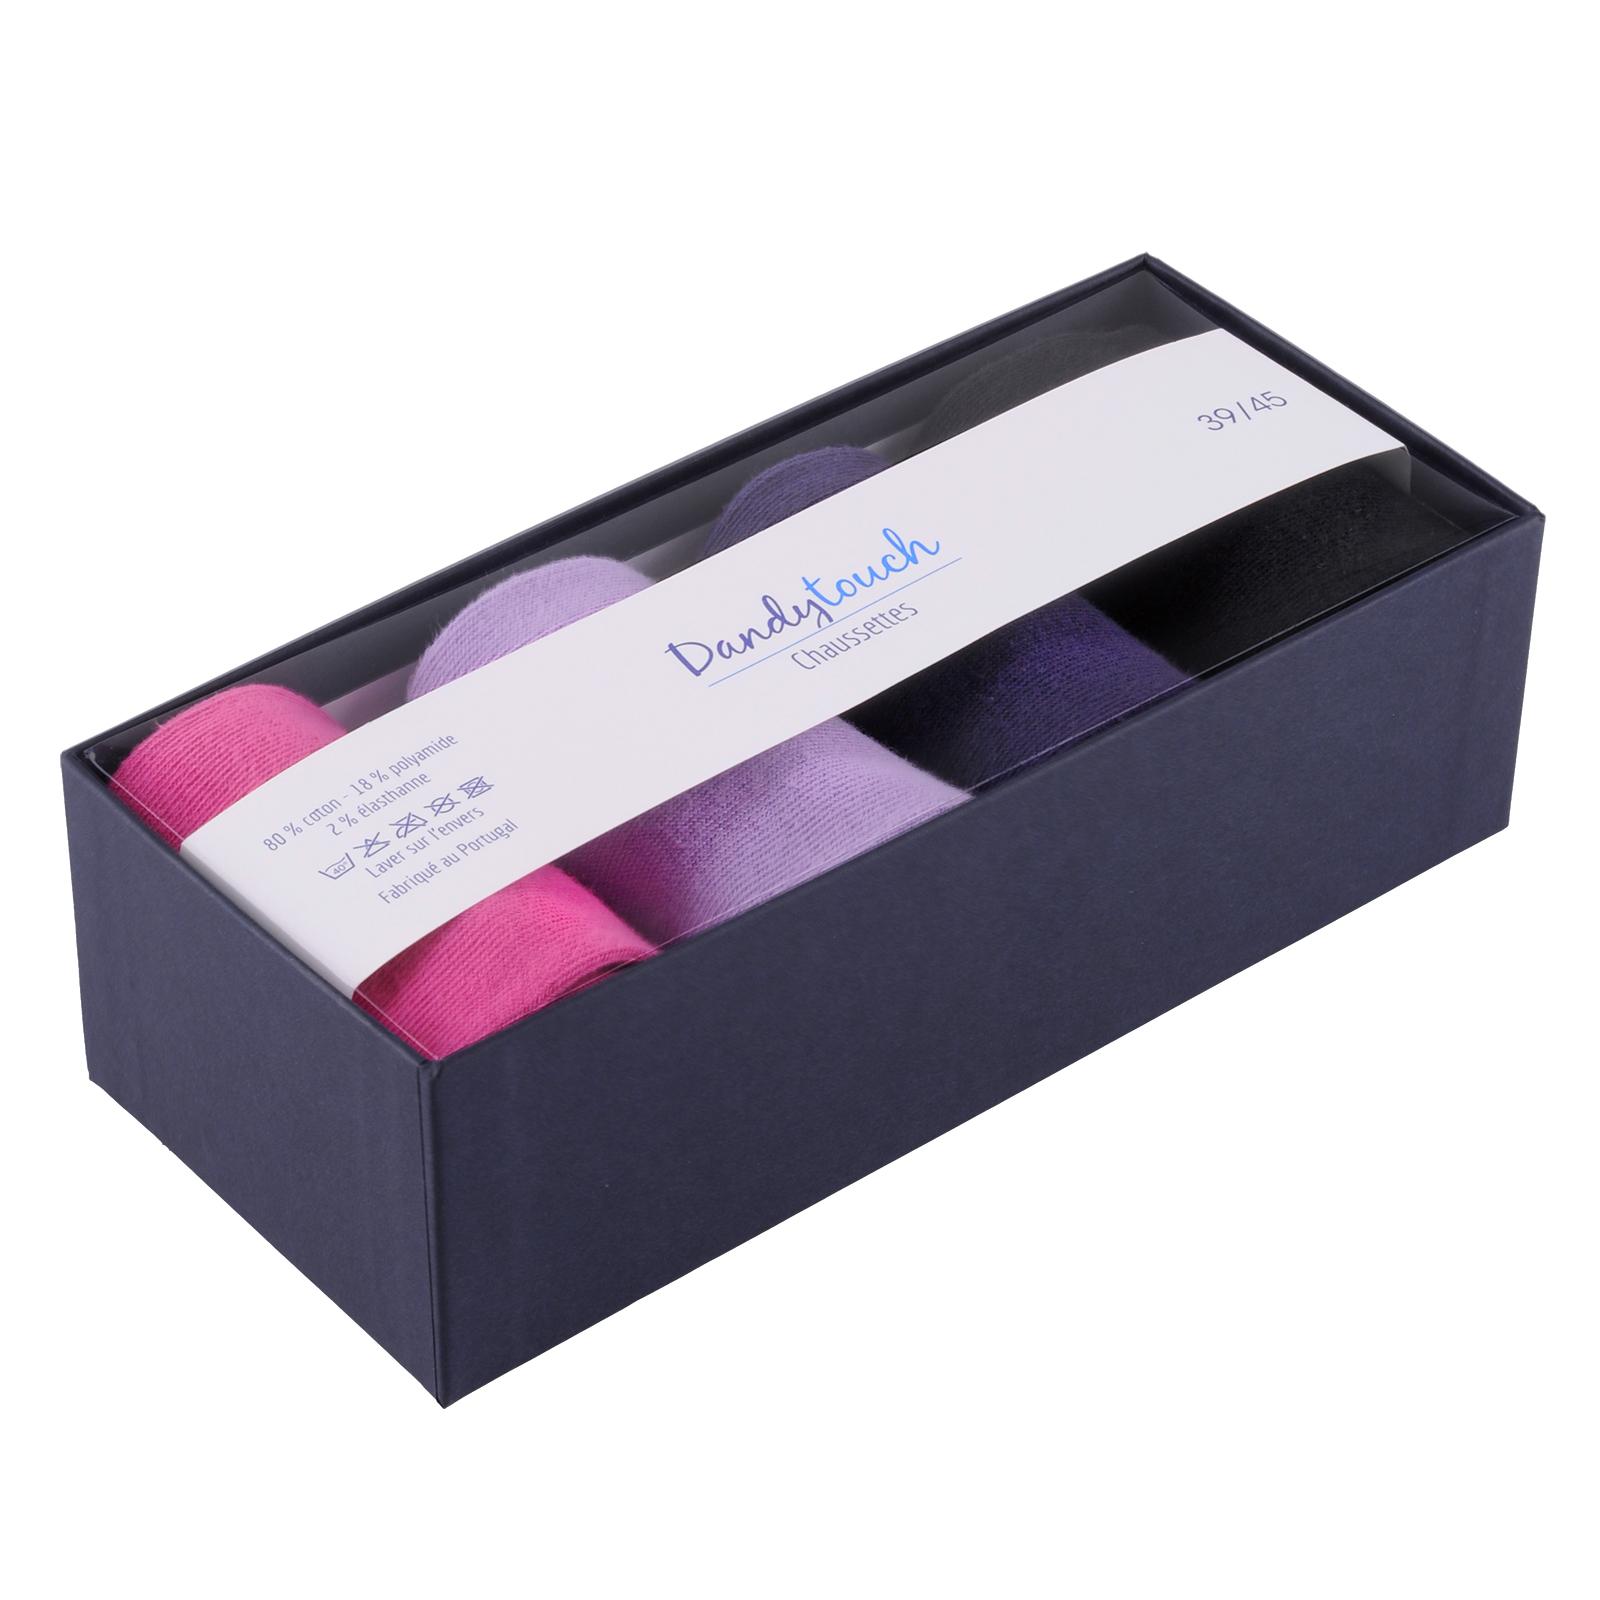 coffret 4 paires de chaussettes dandytouch rose lilas aubergine et noir. Black Bedroom Furniture Sets. Home Design Ideas